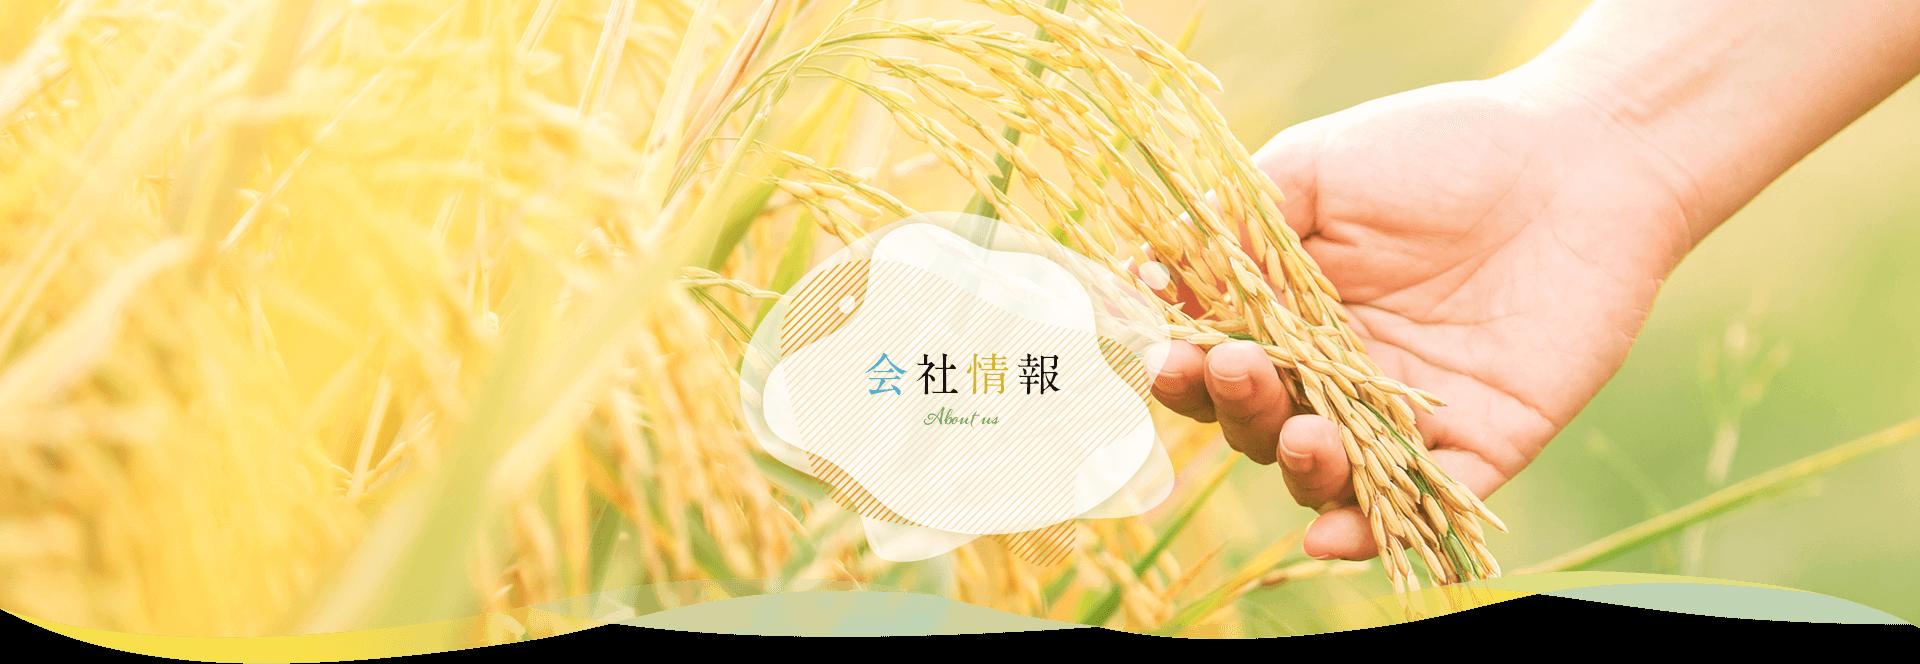 会社概要|米油から健康的に【三和油脂株式会社】